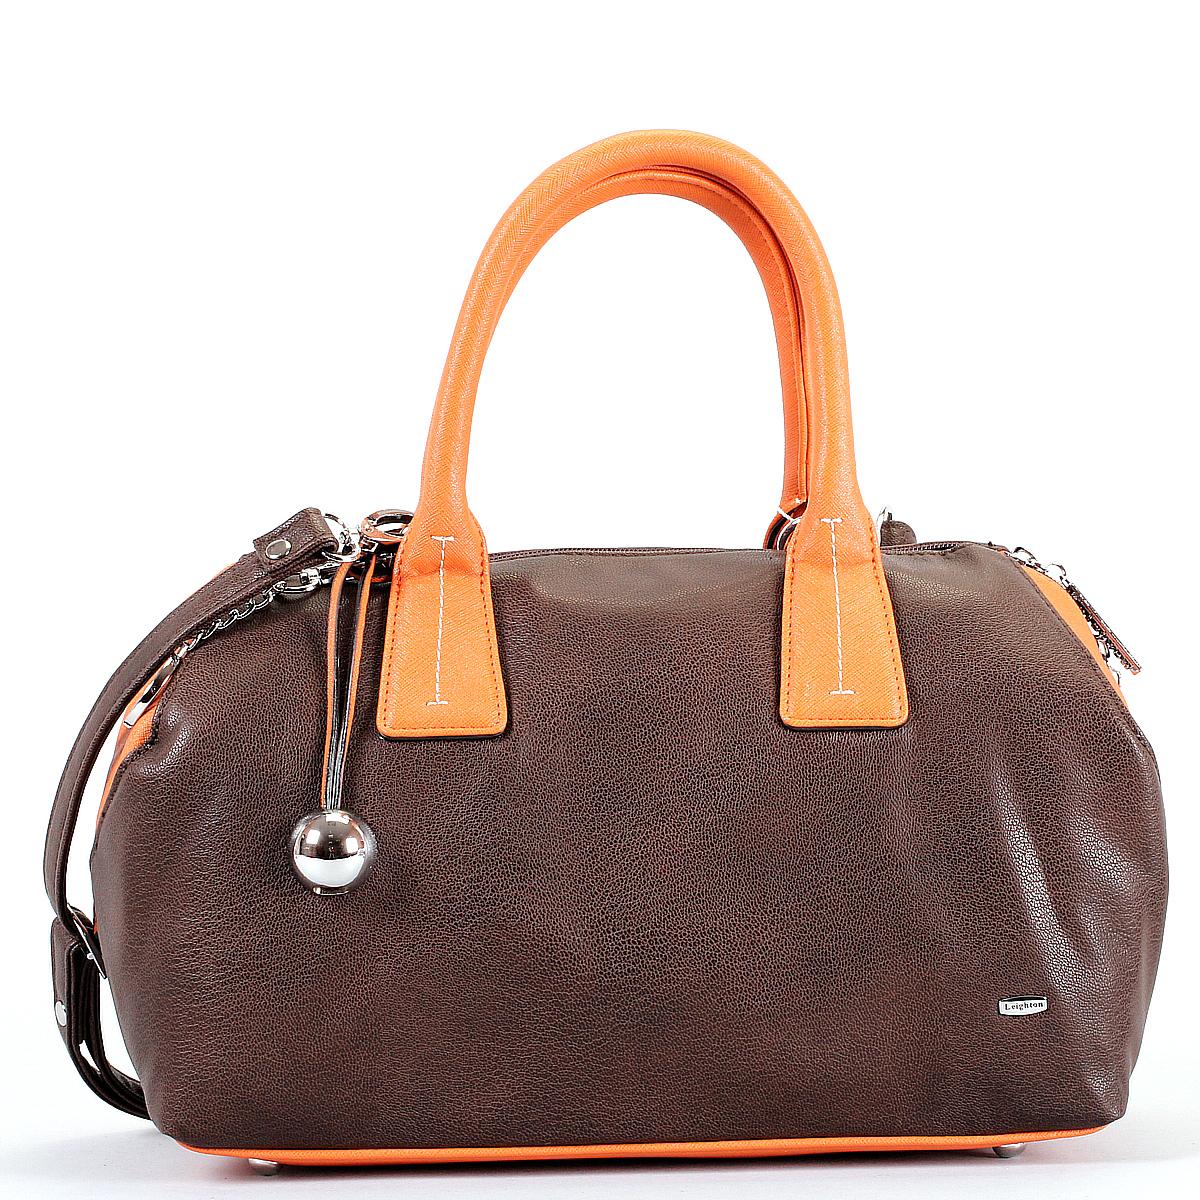 Сумка женская Leighton, цвет: коричневый, рыжий. 570329-3769570329-339/66/3769/17 кор/рыжОригинальная женская сумка Leighton выполнена из высококачественной искусственной кожи. Сумка имеет одно большое отделение и закрывается на застежку-молнию с двумя бегунками. Внутри вшитый карман на молнии, накладной карман на застежке-молнии, два накладных кармана для мелочей и мобильного телефона. На внешней стороне сумки расположен дополнительный карман на застежке-молнии. Сумка украшена подвеской и металлическим брелоком в виде логотипа фирмы. Подвеска - это ремешок из искусственной кожи с декоративным металлическим элементом на конце. Сумка оснащена двумя удобными ручками, съемным плечевым регулируемым ремнем и жестким основанием с четырьмя небольшими ножками. Классическое цветовое сочетание, стильный декор и модный дизайн сумочки Leighton - прекрасное дополнение к гардеробу модницы.